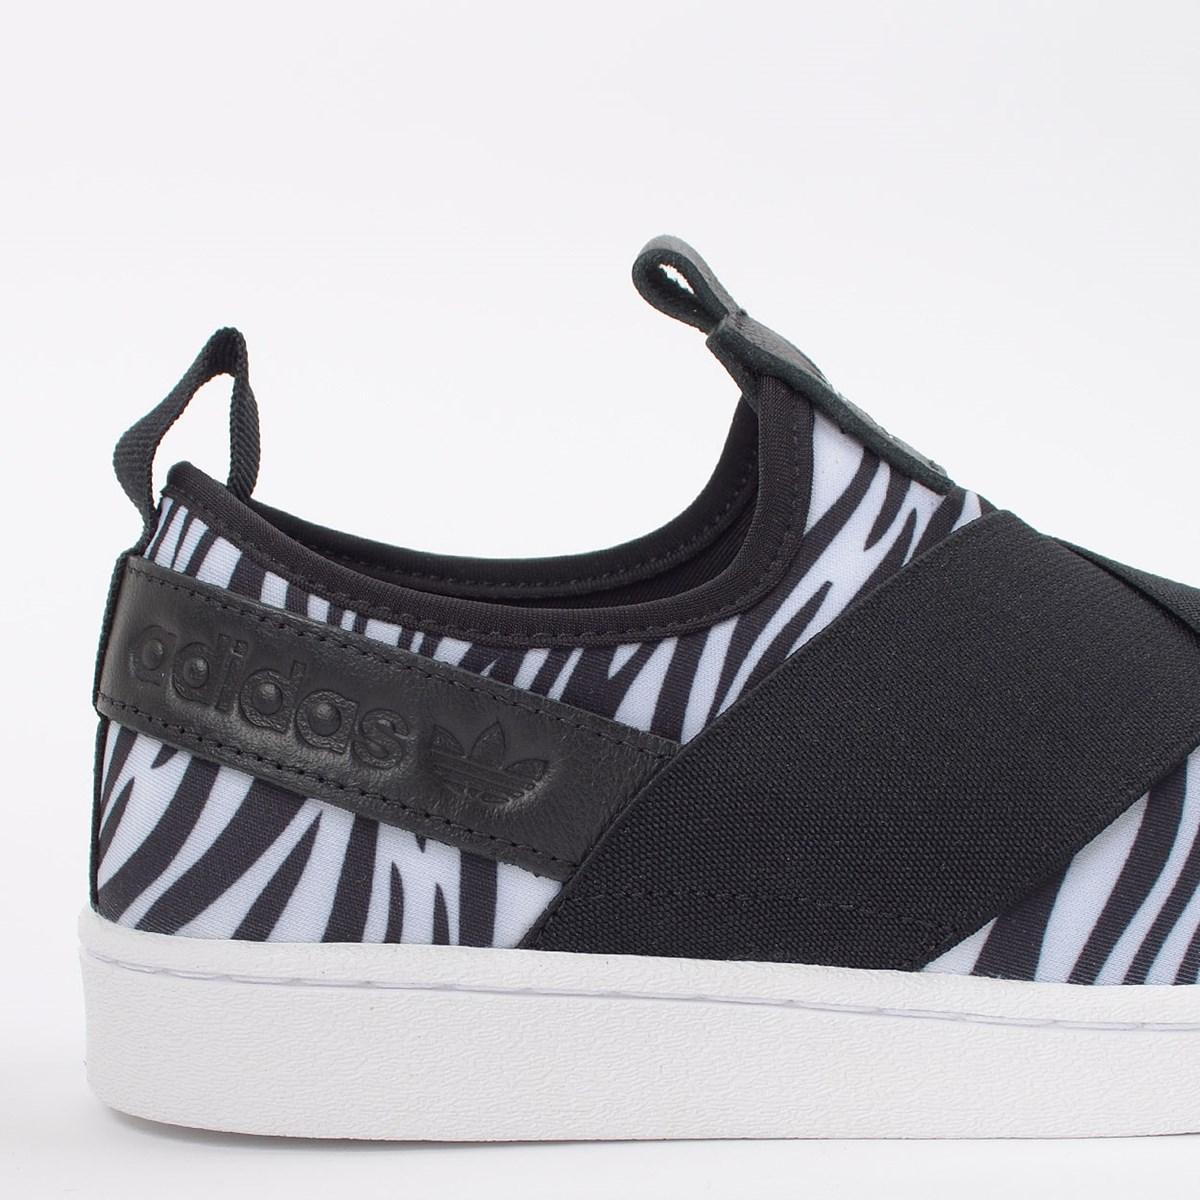 Tênis adidas Superstar Slip On W Supplier Colour EX4622